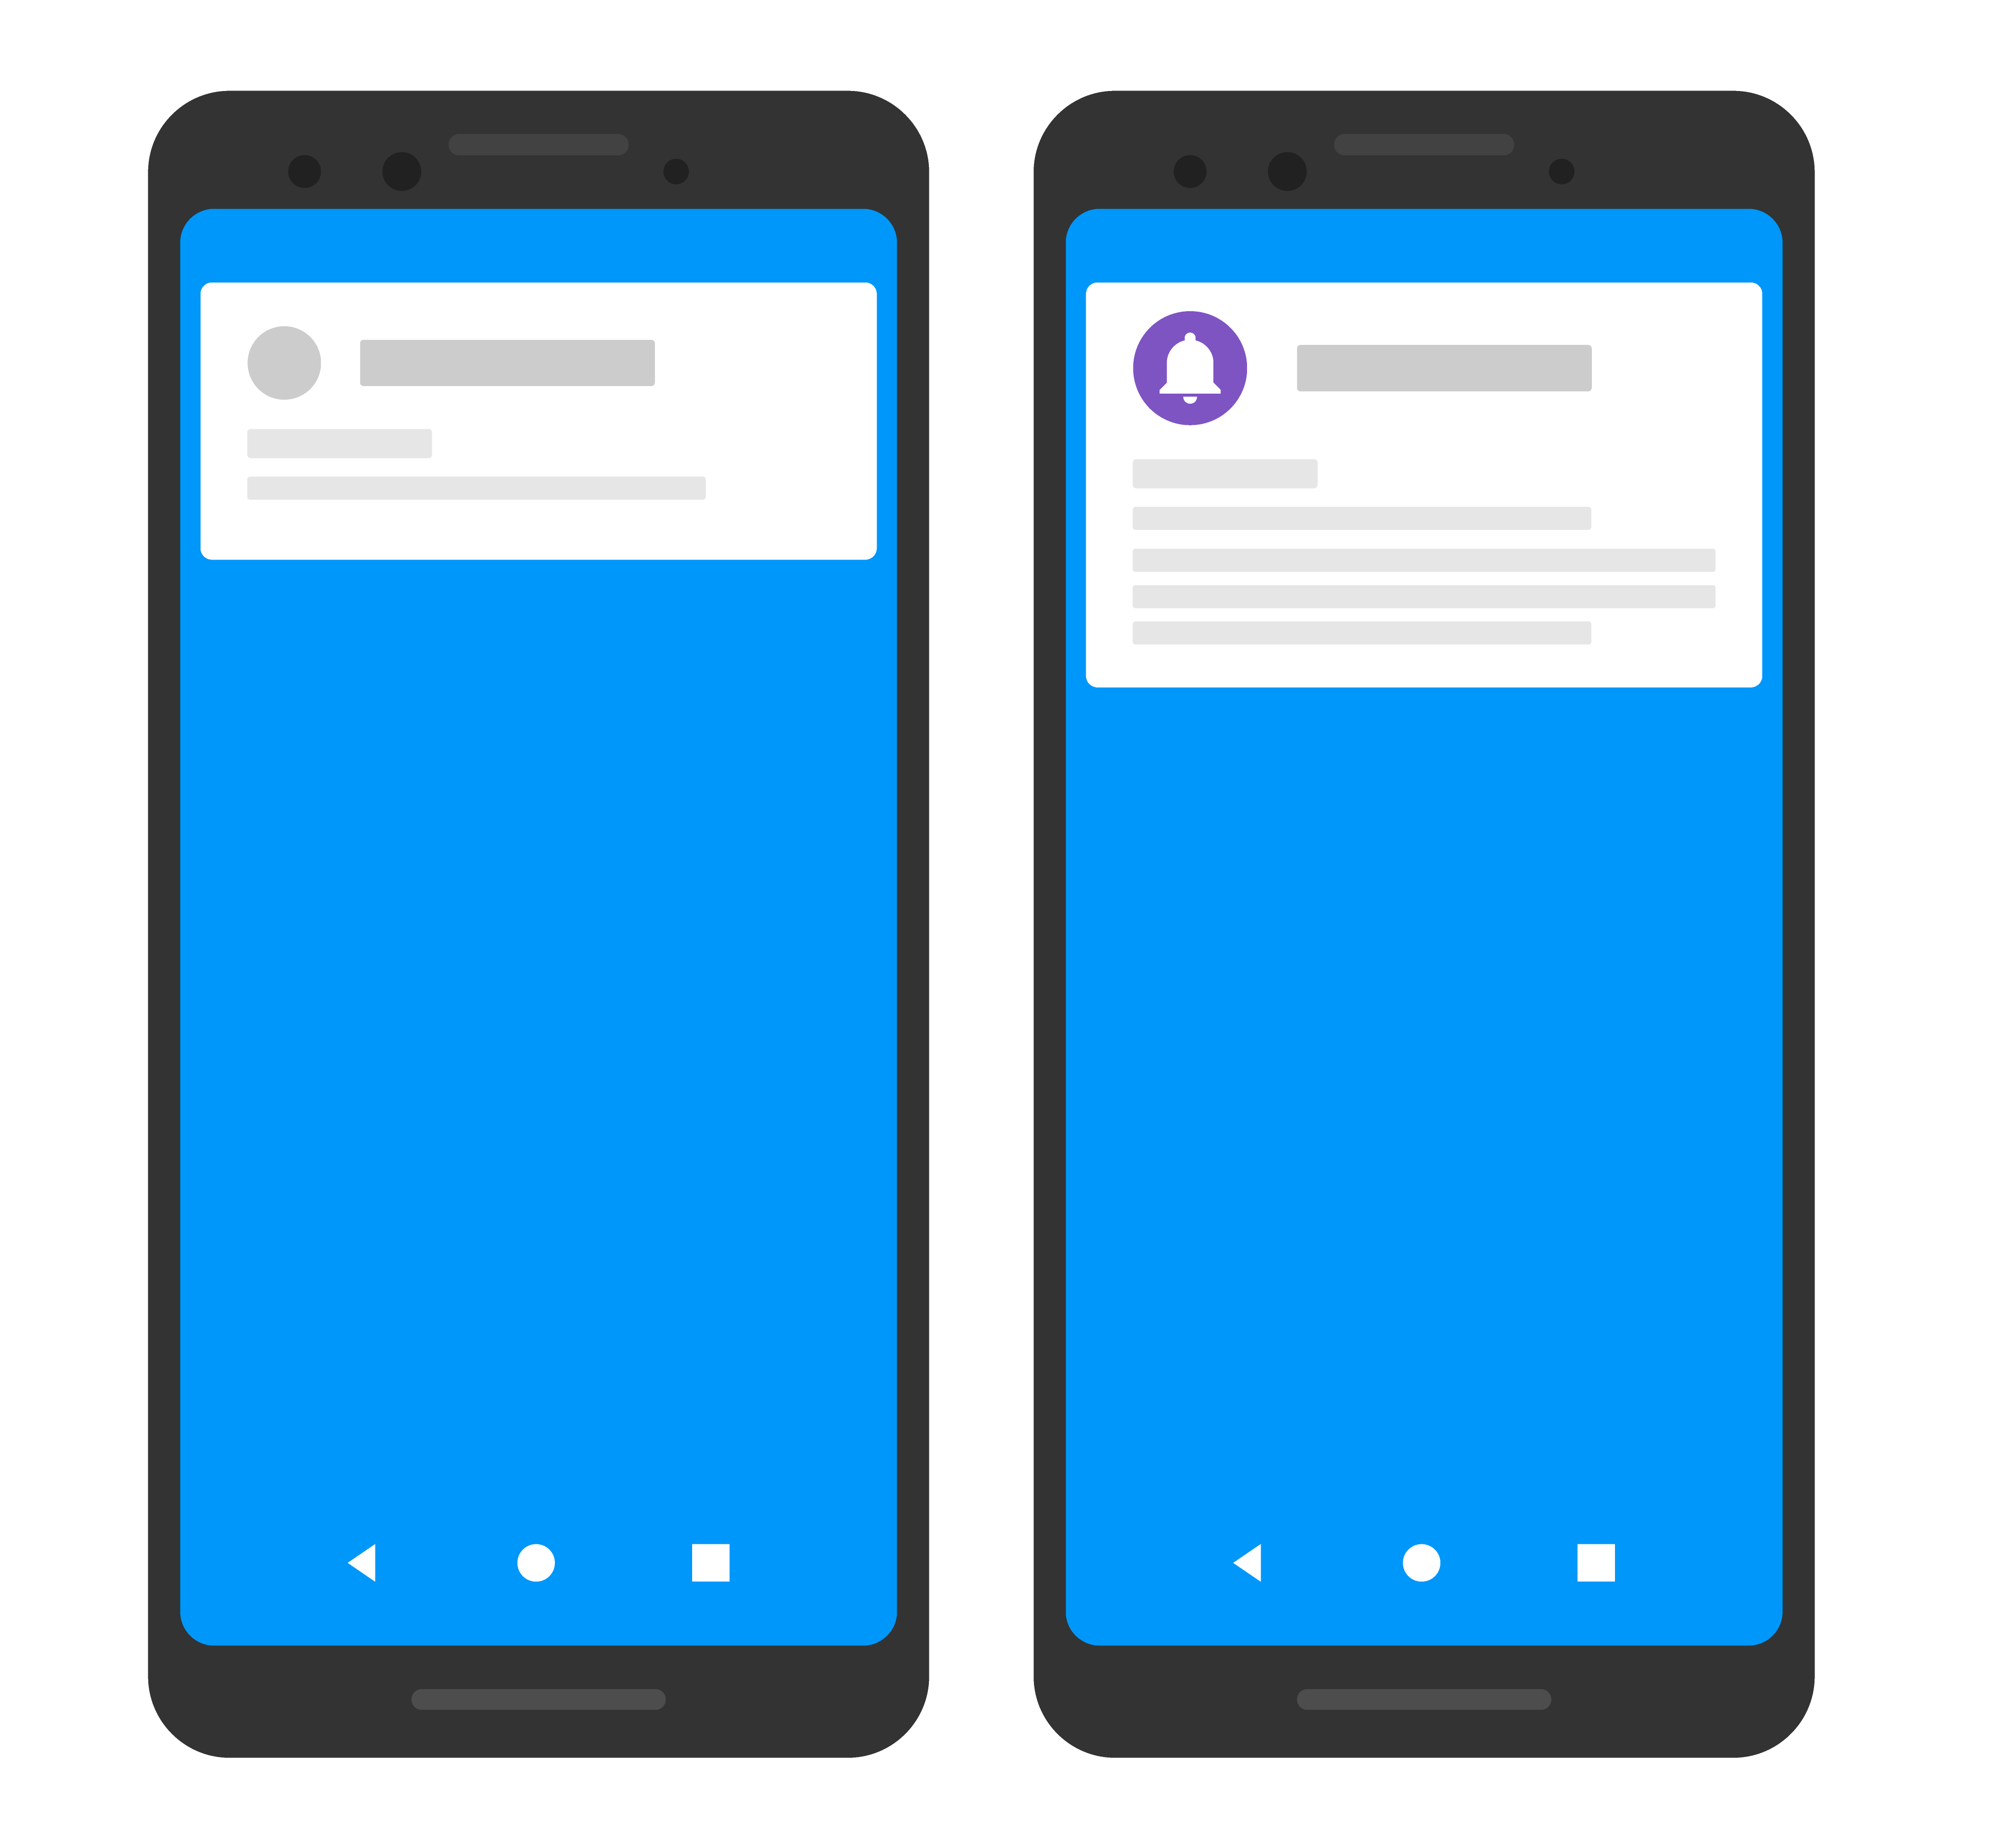 Dibujo simple de dos dispositivos, uno muestra un ícono y un color personalizados